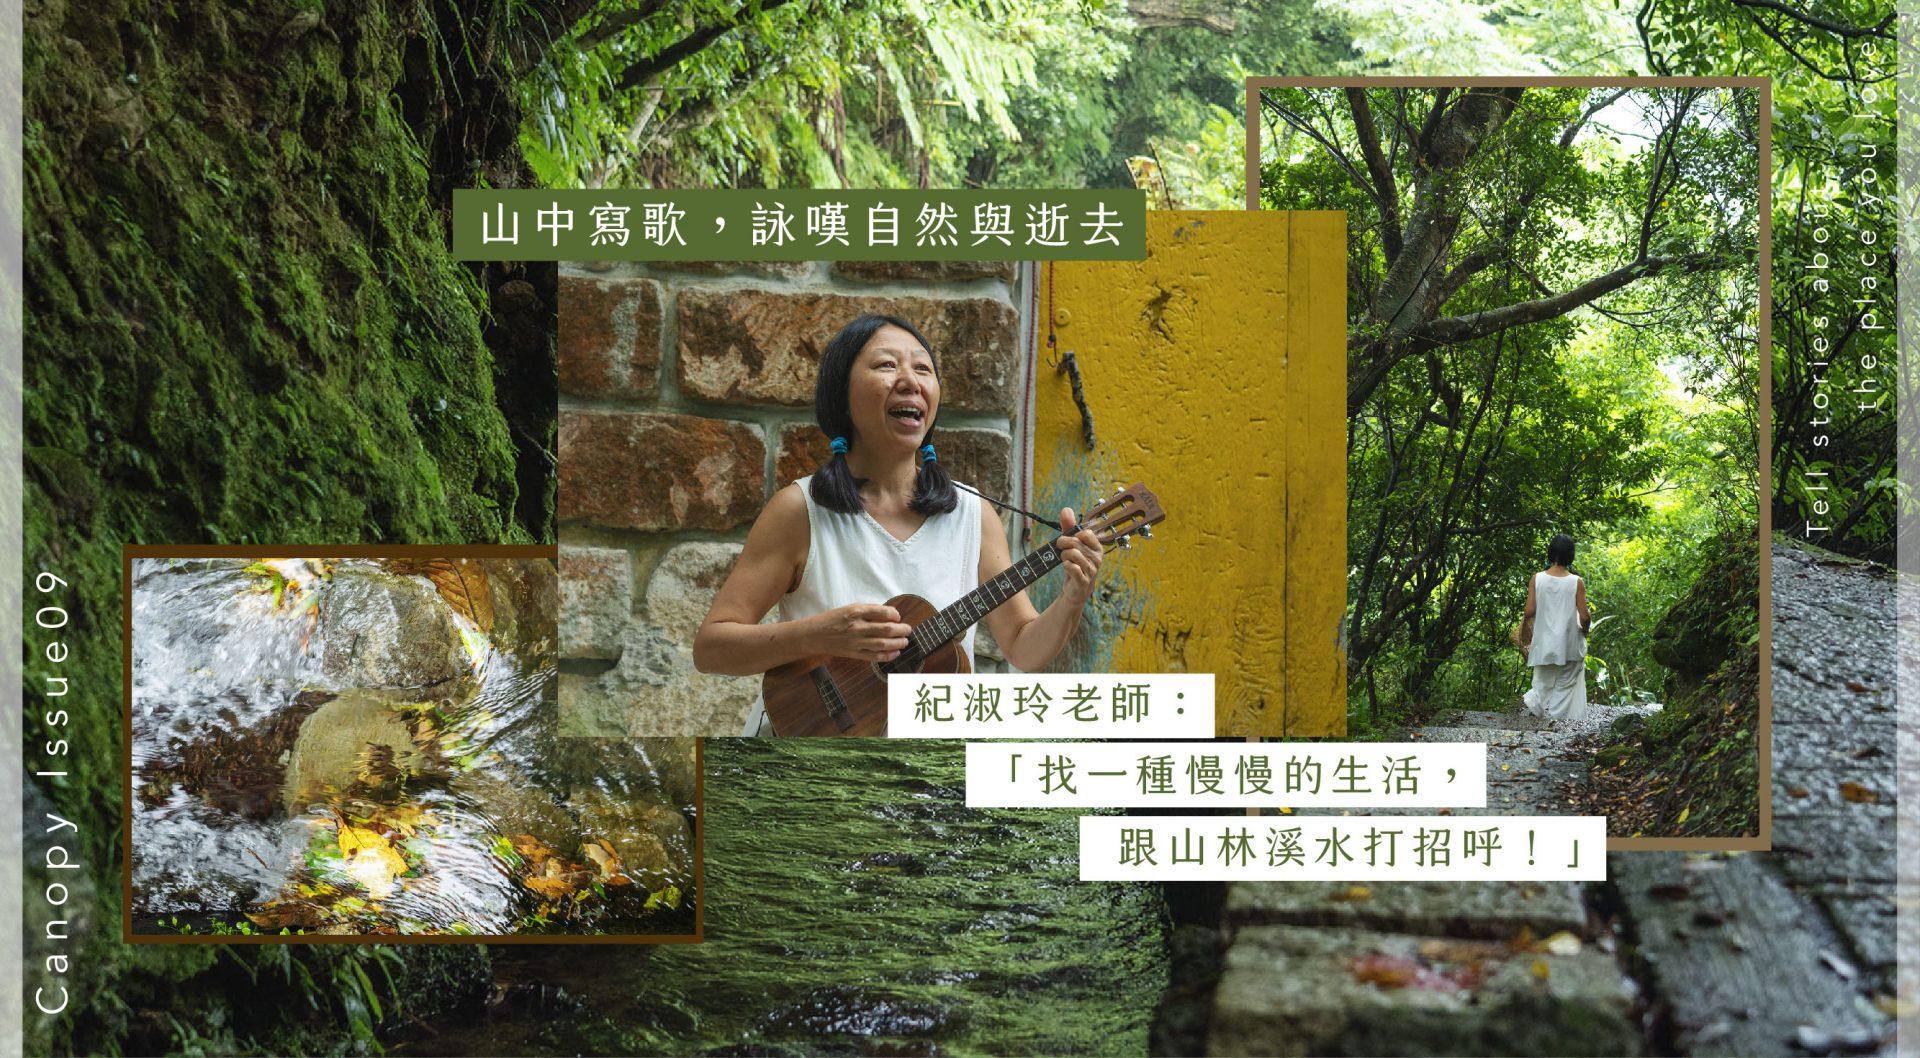 山中寫歌,詠嘆自然與逝去 紀淑玲老師:「找一種慢慢的生活,跟山林溪水打招呼!」